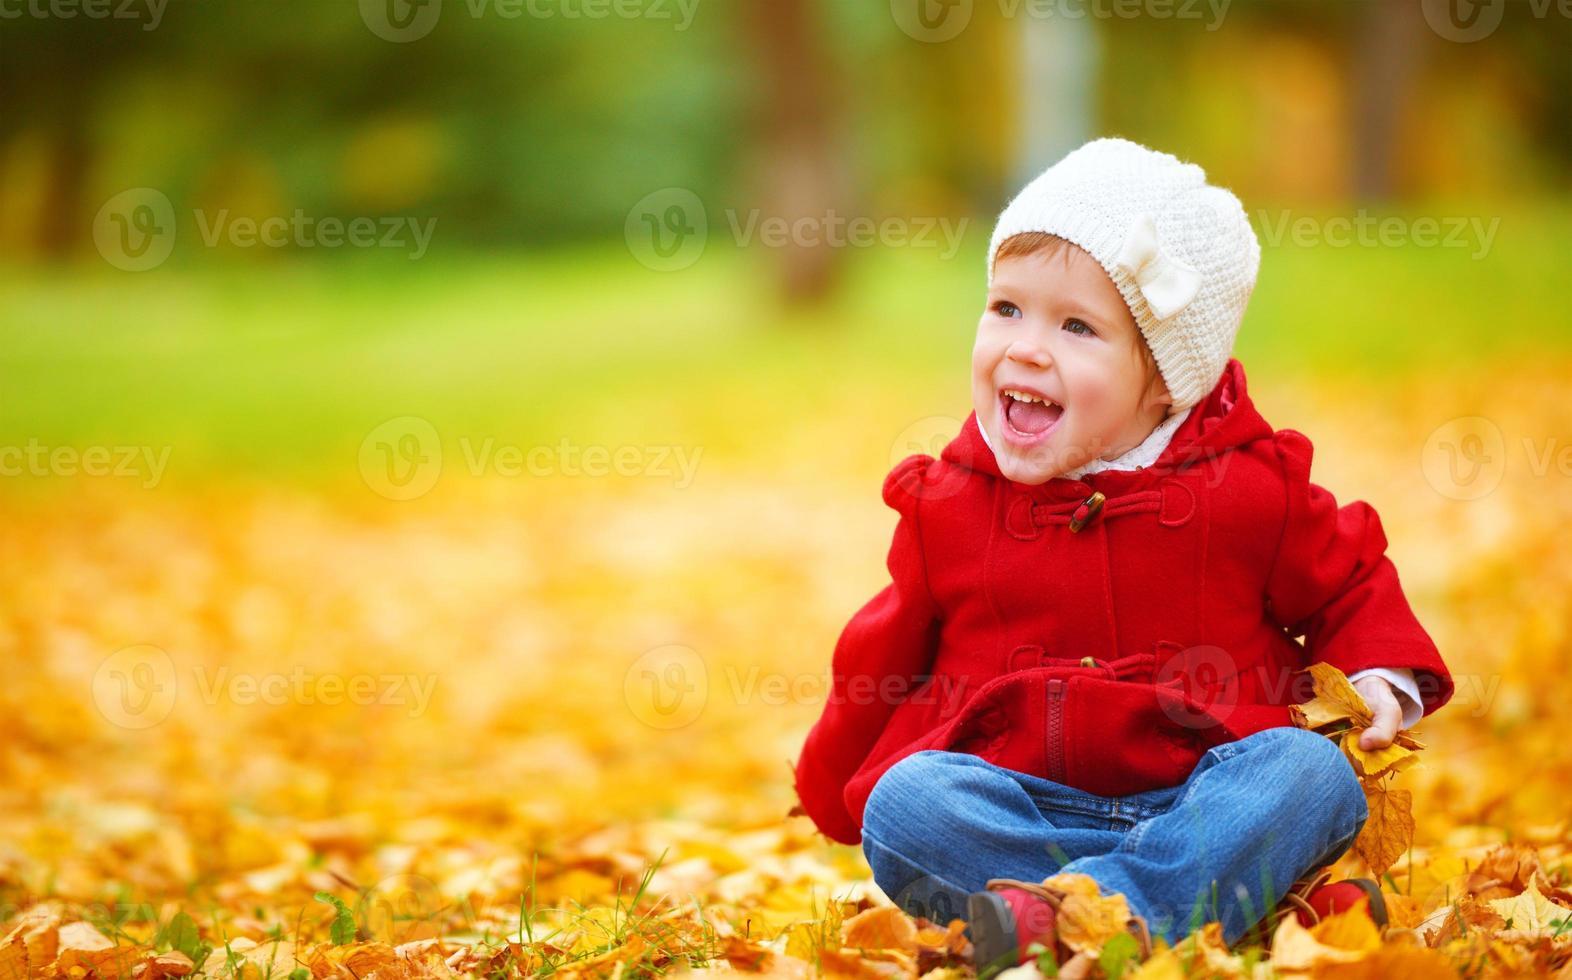 happy child on autumn nature walks in golden foliage photo